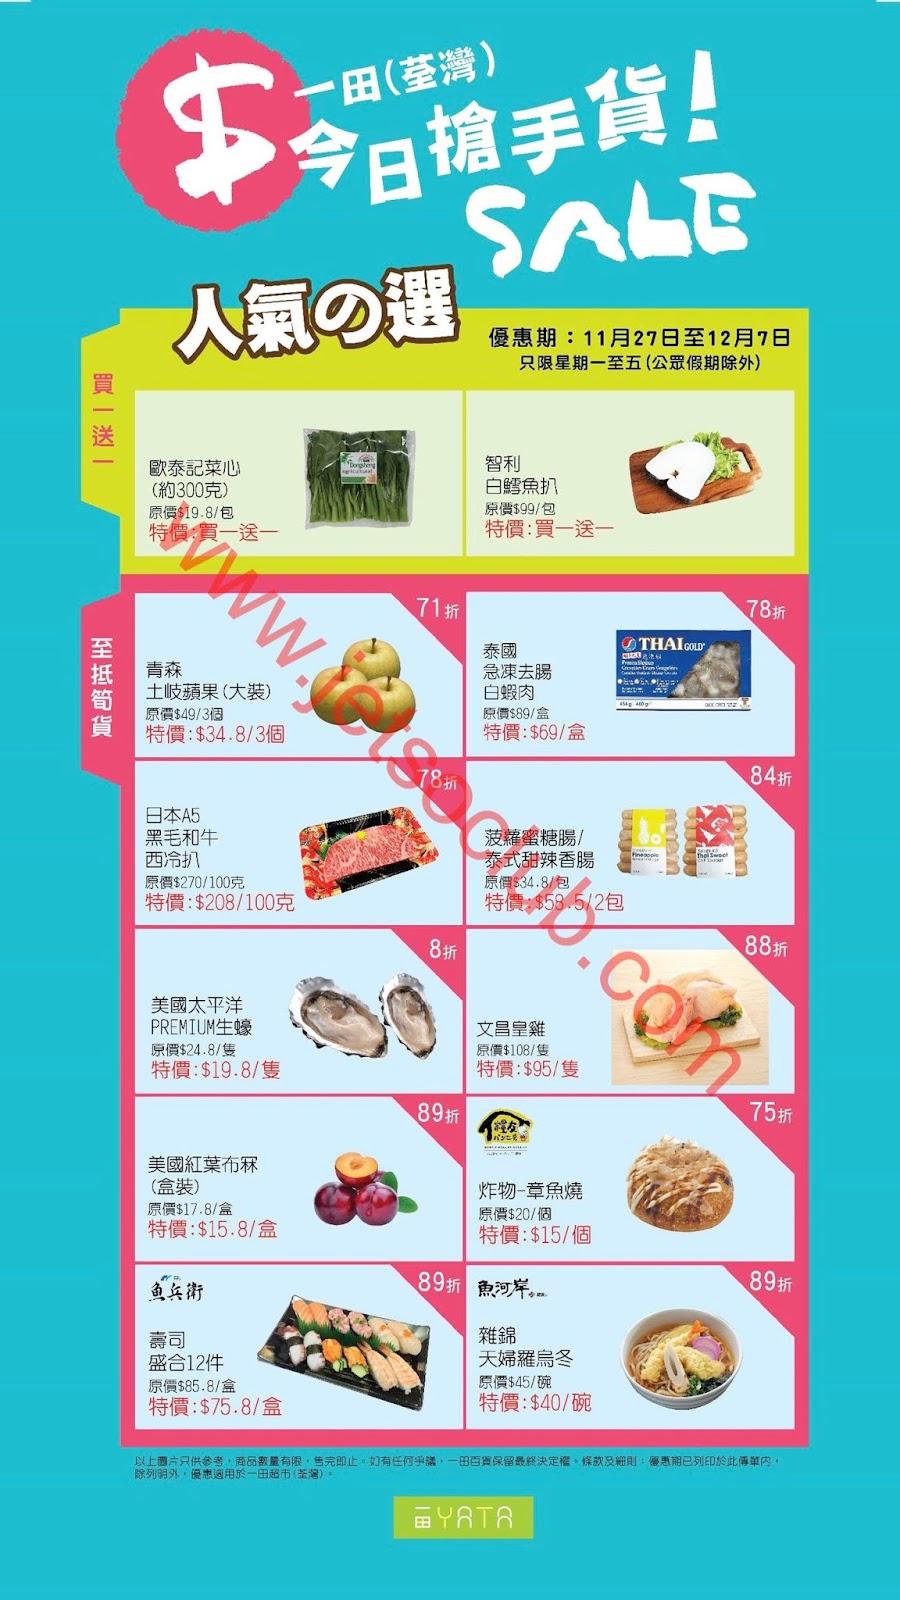 一田超市:荃灣/將軍澳店 今日搶手貨(至7/12) ( Jetso Club 著數俱樂部 )